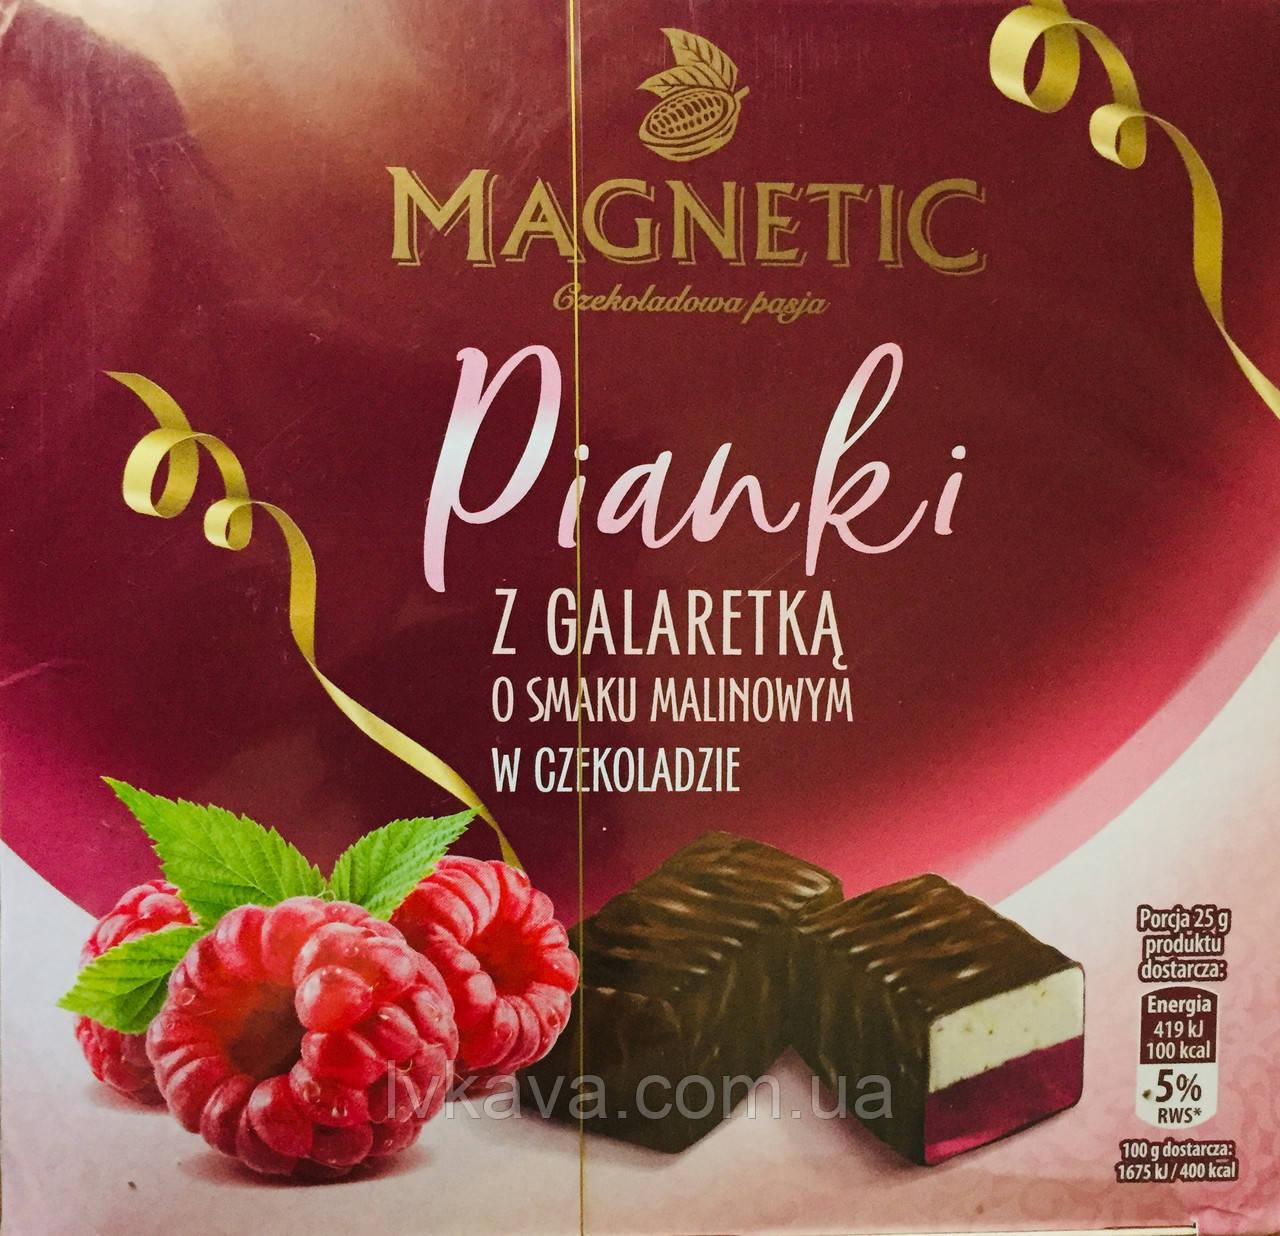 Конфеты желе в шоколаде Magnetic со вкусом  малины  , 380 гр